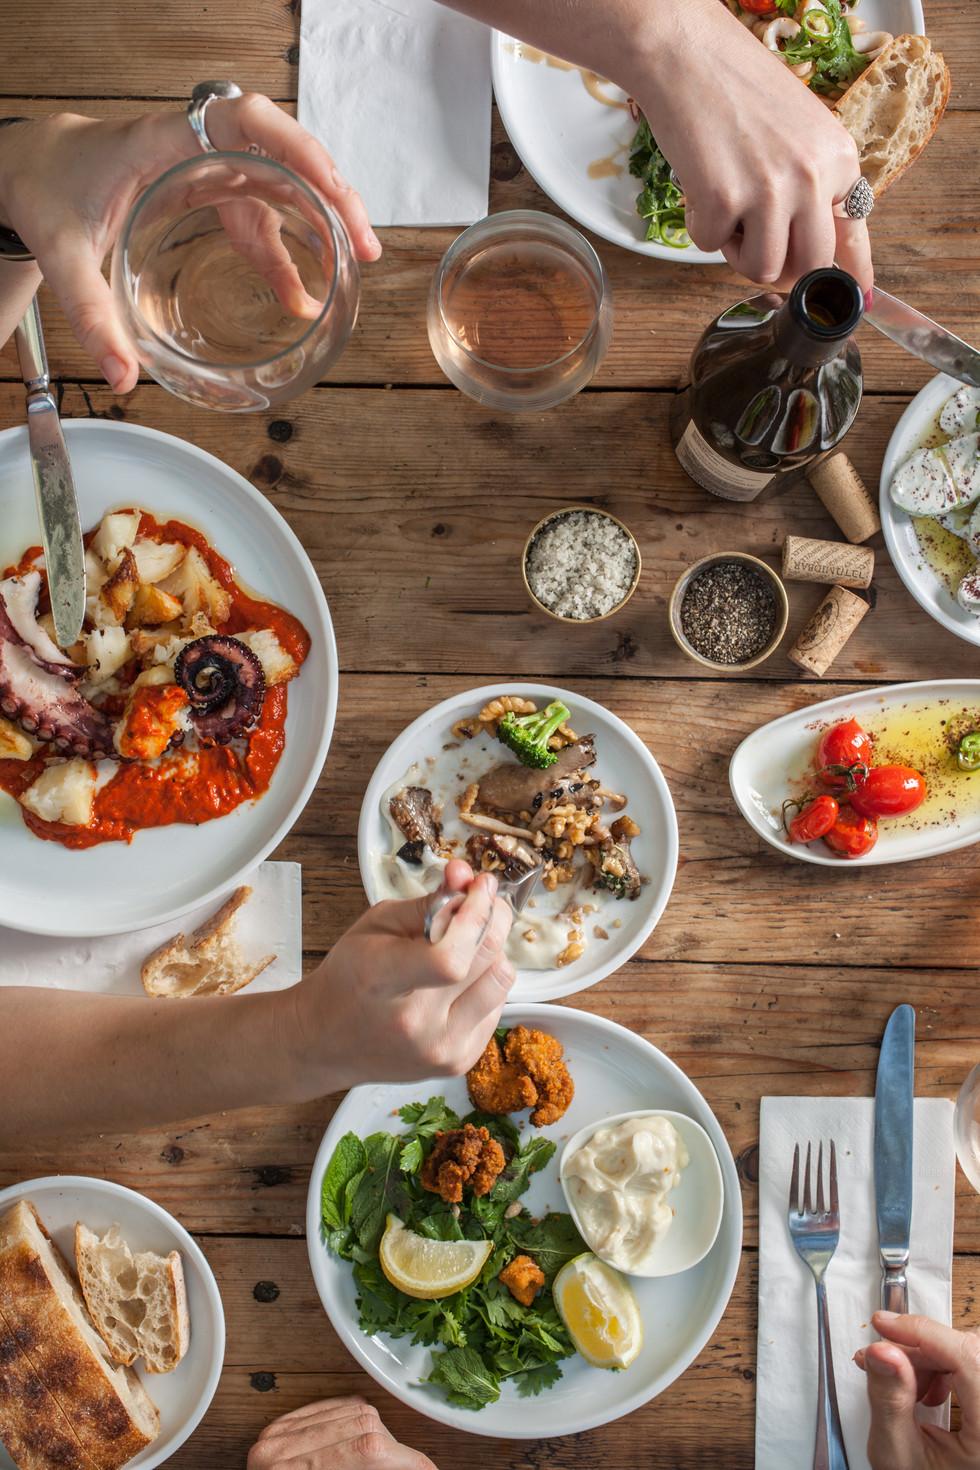 6 מסעדות מעולות בחיפה שכל פודיז חייב להכיר